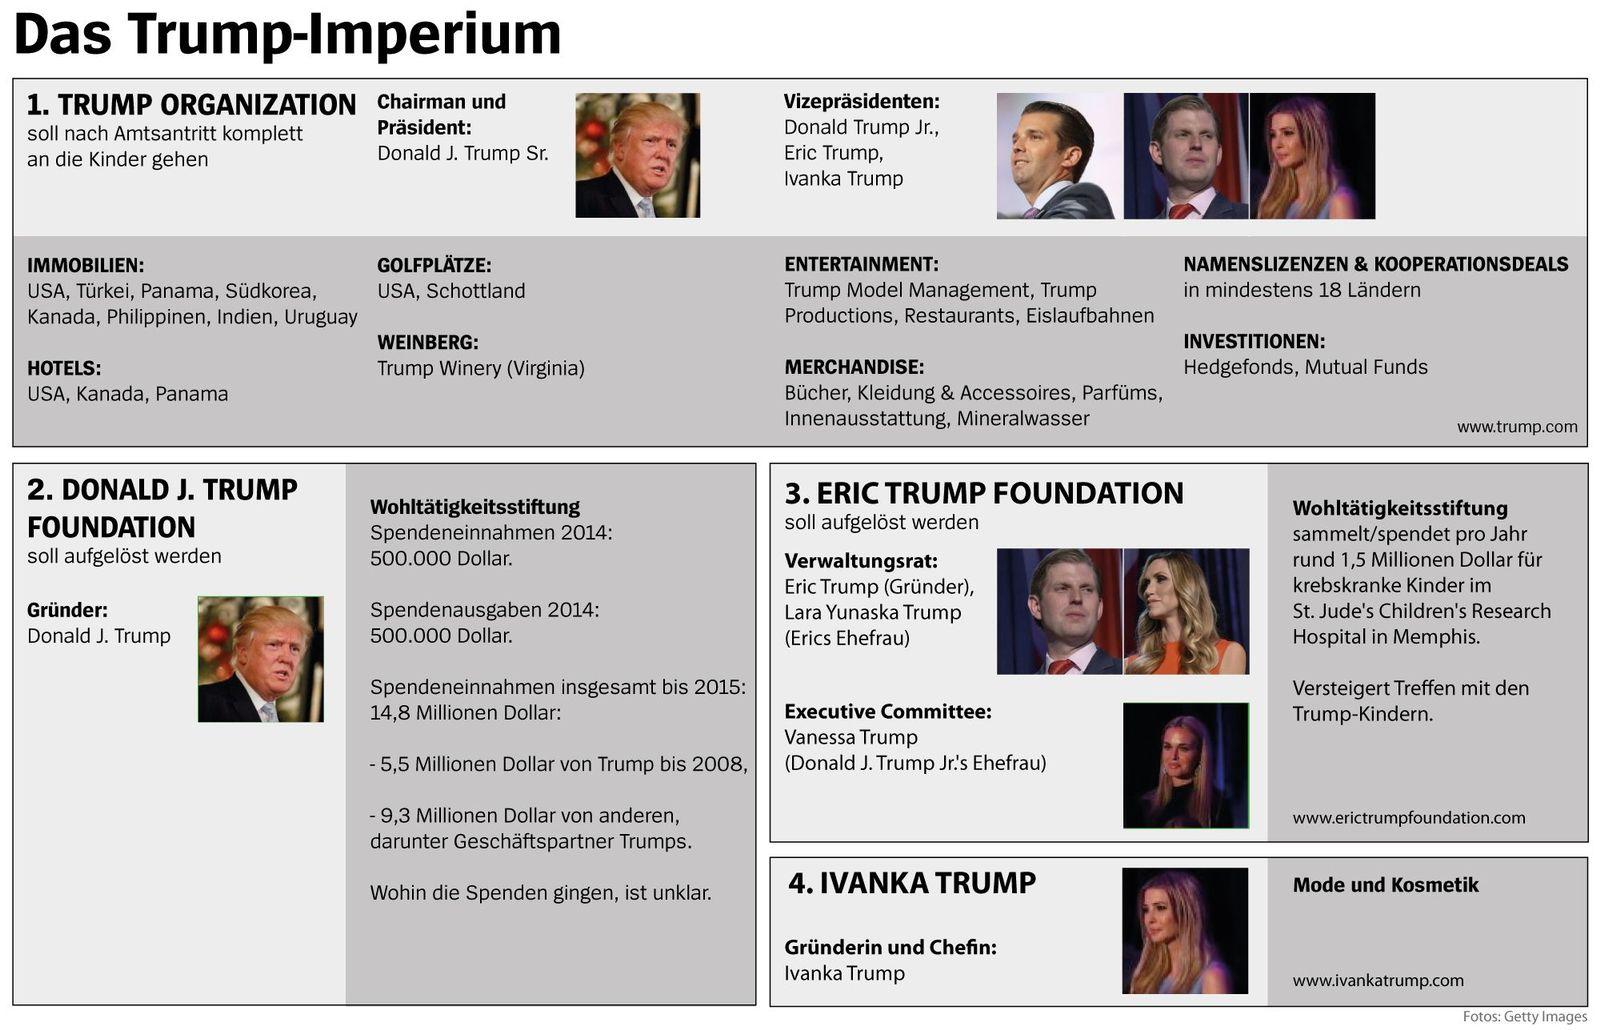 Das Trump Imperium v2